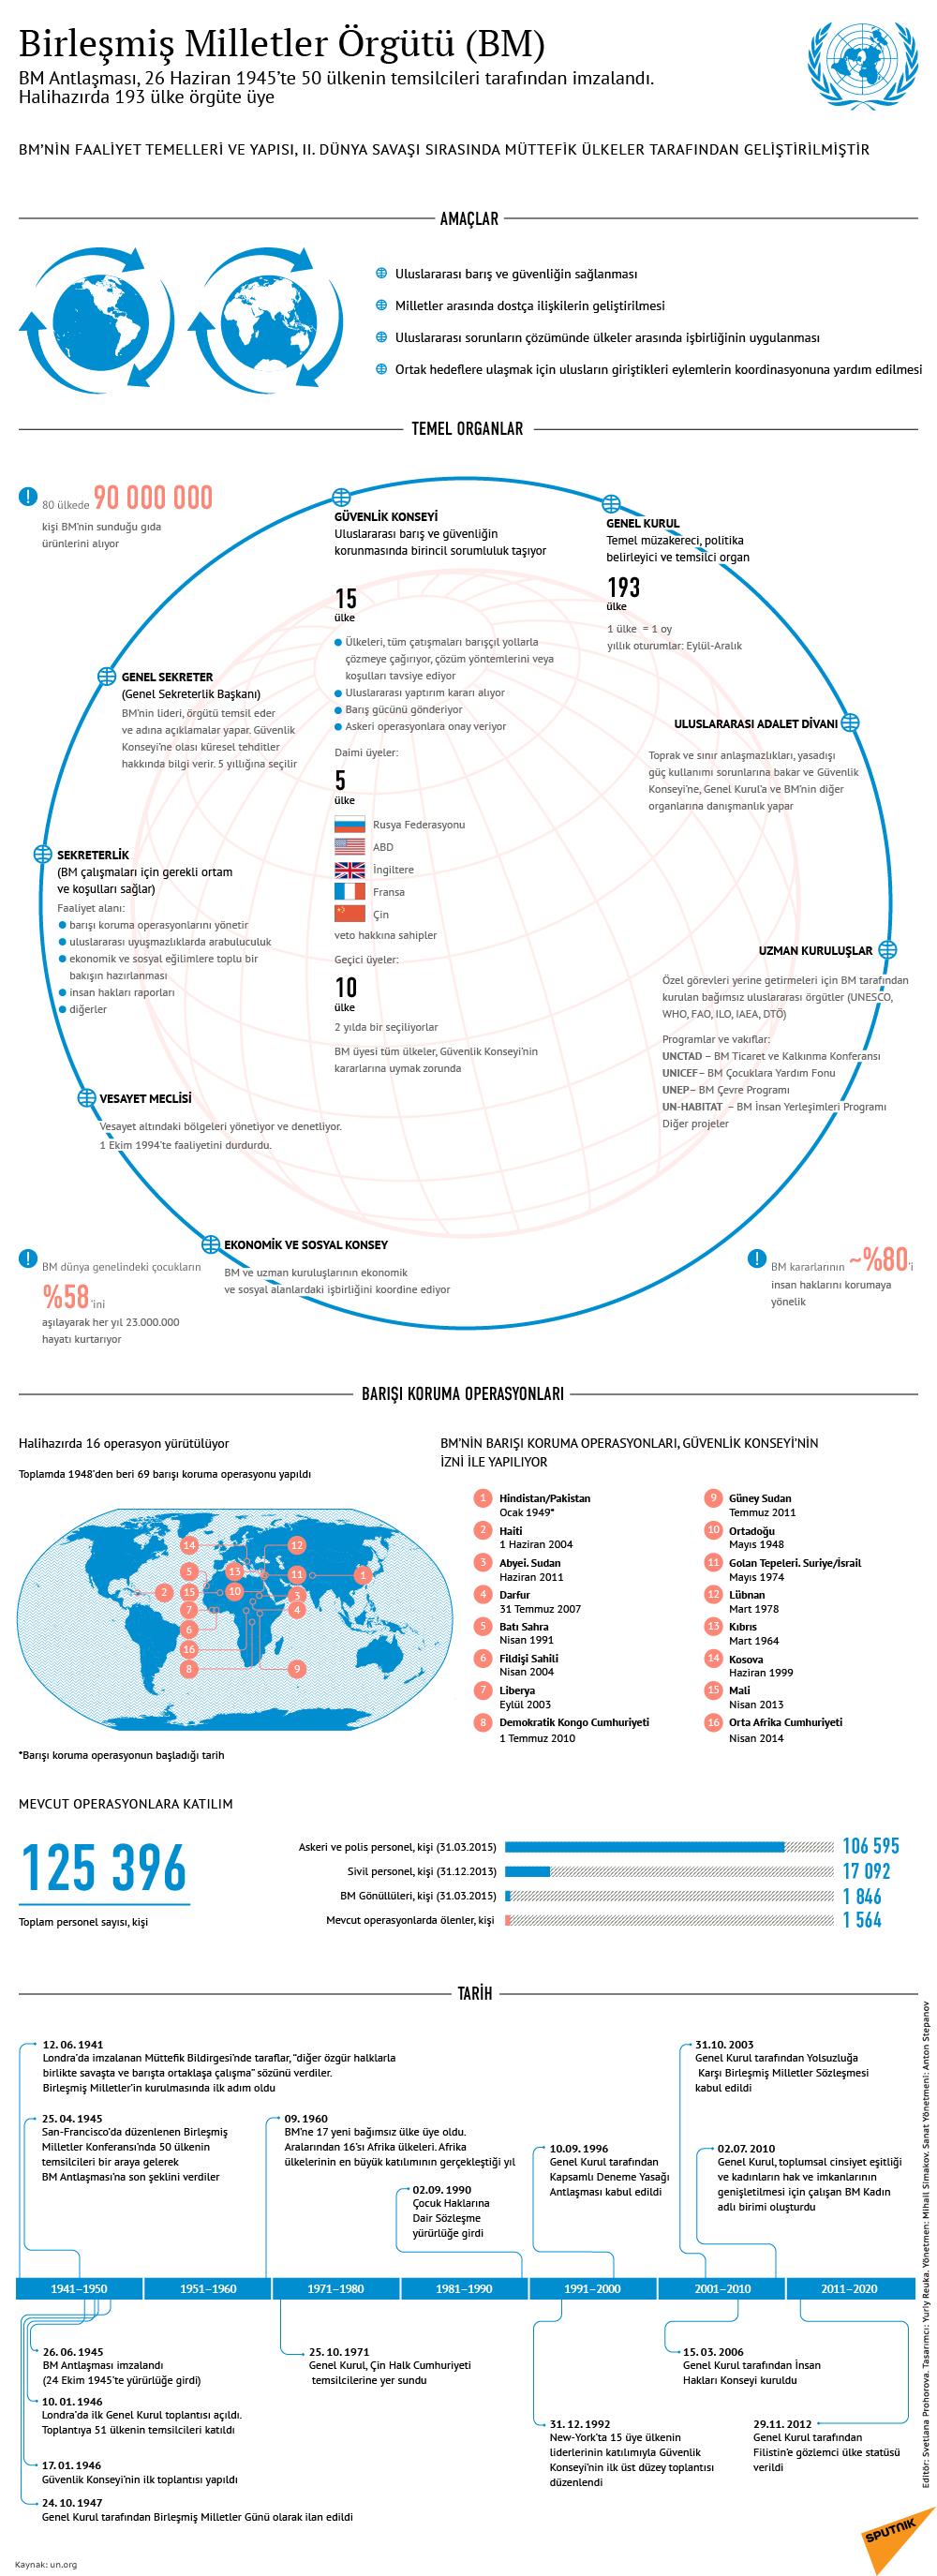 Birleşmiş Milletler Örgütü (BM)